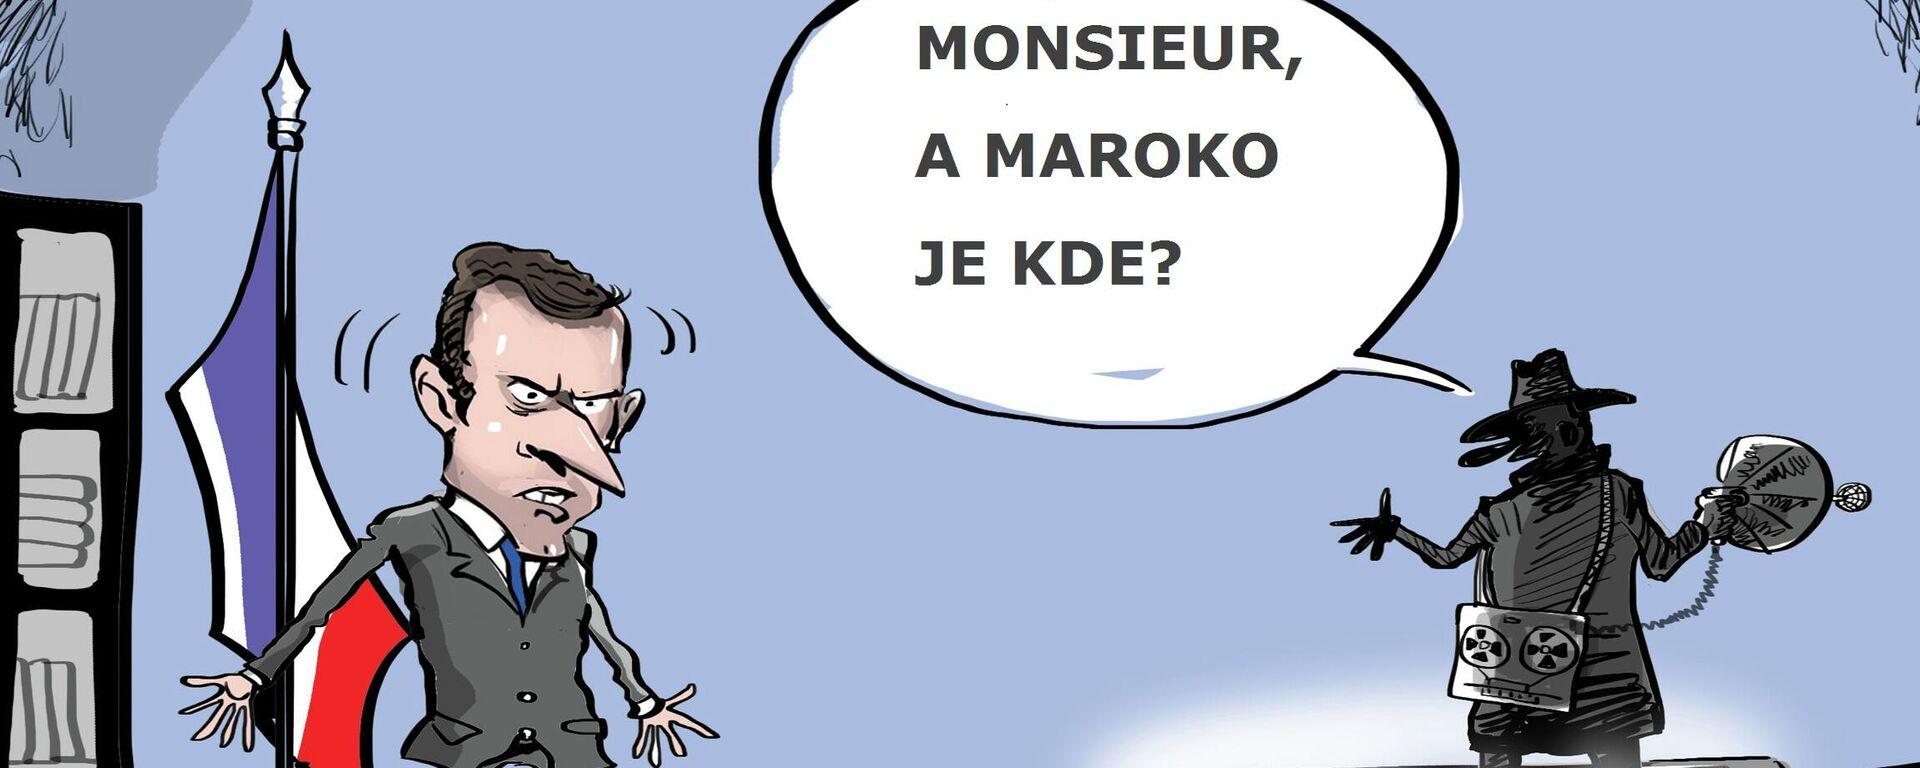 Média informovala o riziku hacknutí Macronova telefonu marockými zpravodajskými službami - Sputnik Česká republika, 1920, 21.07.2021